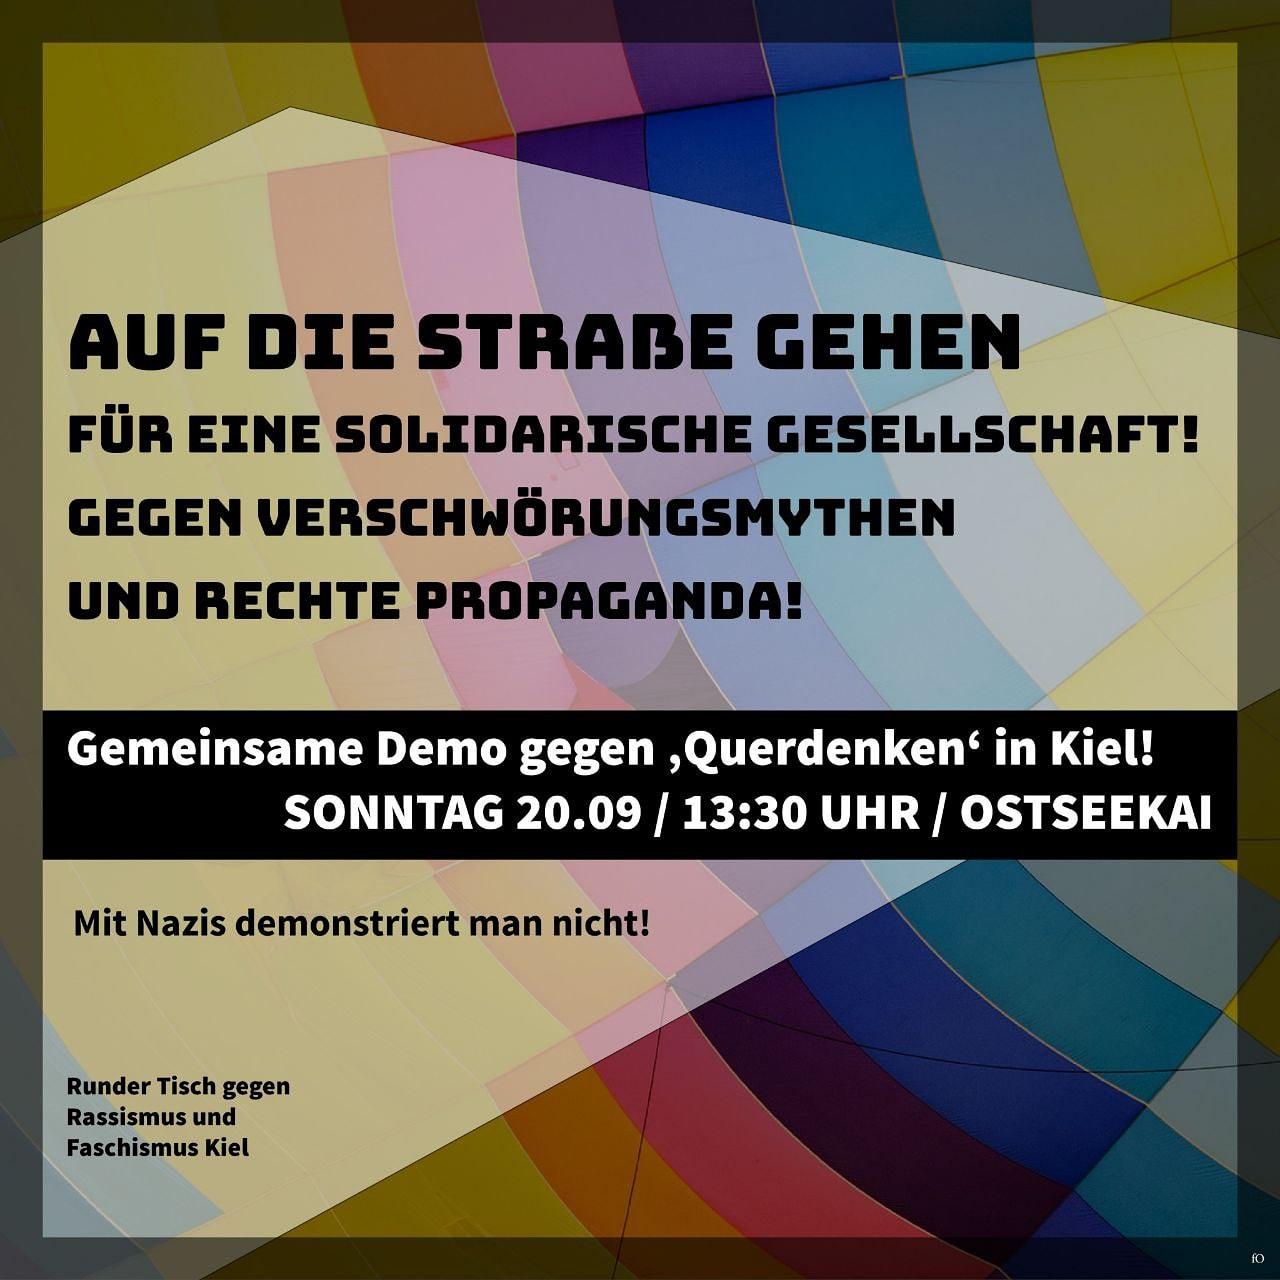 Aufruf Querdenken Gegendemo am 20.09. um 13.30 Uhr am Ostseekai